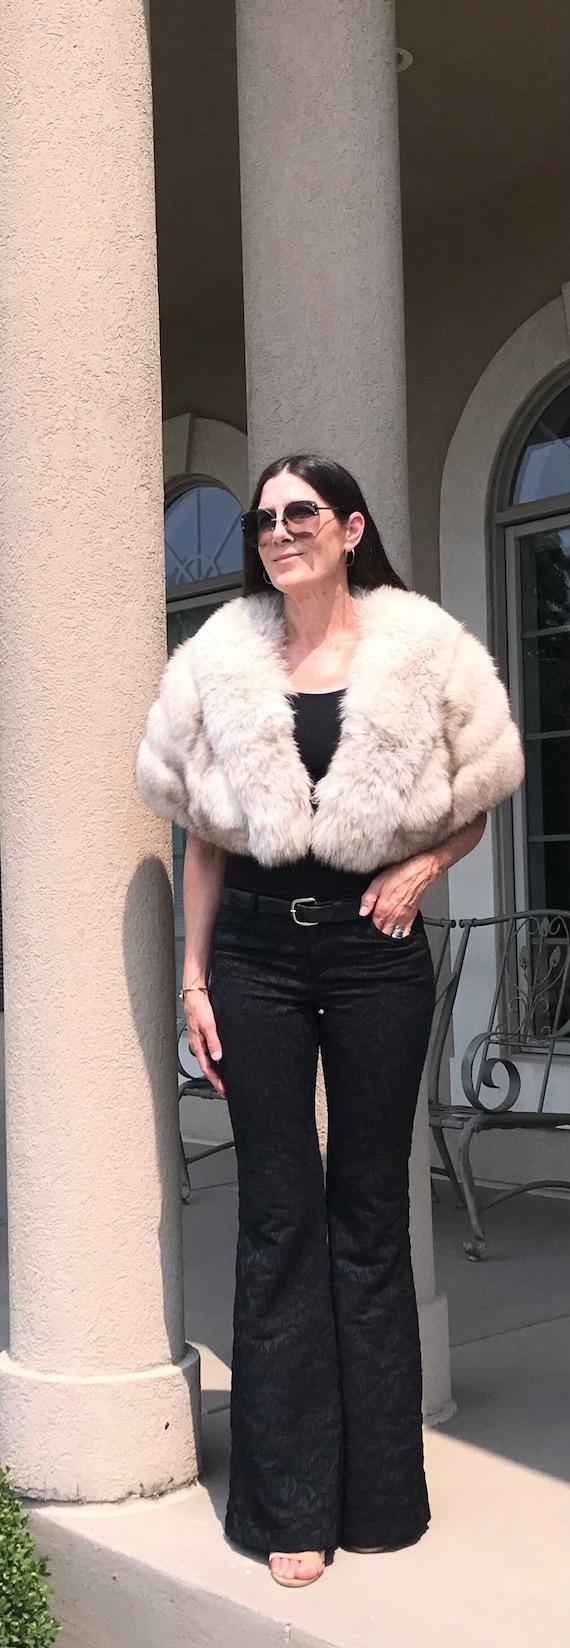 Vintage White Silver Fox Fur Stole Cape Wrap